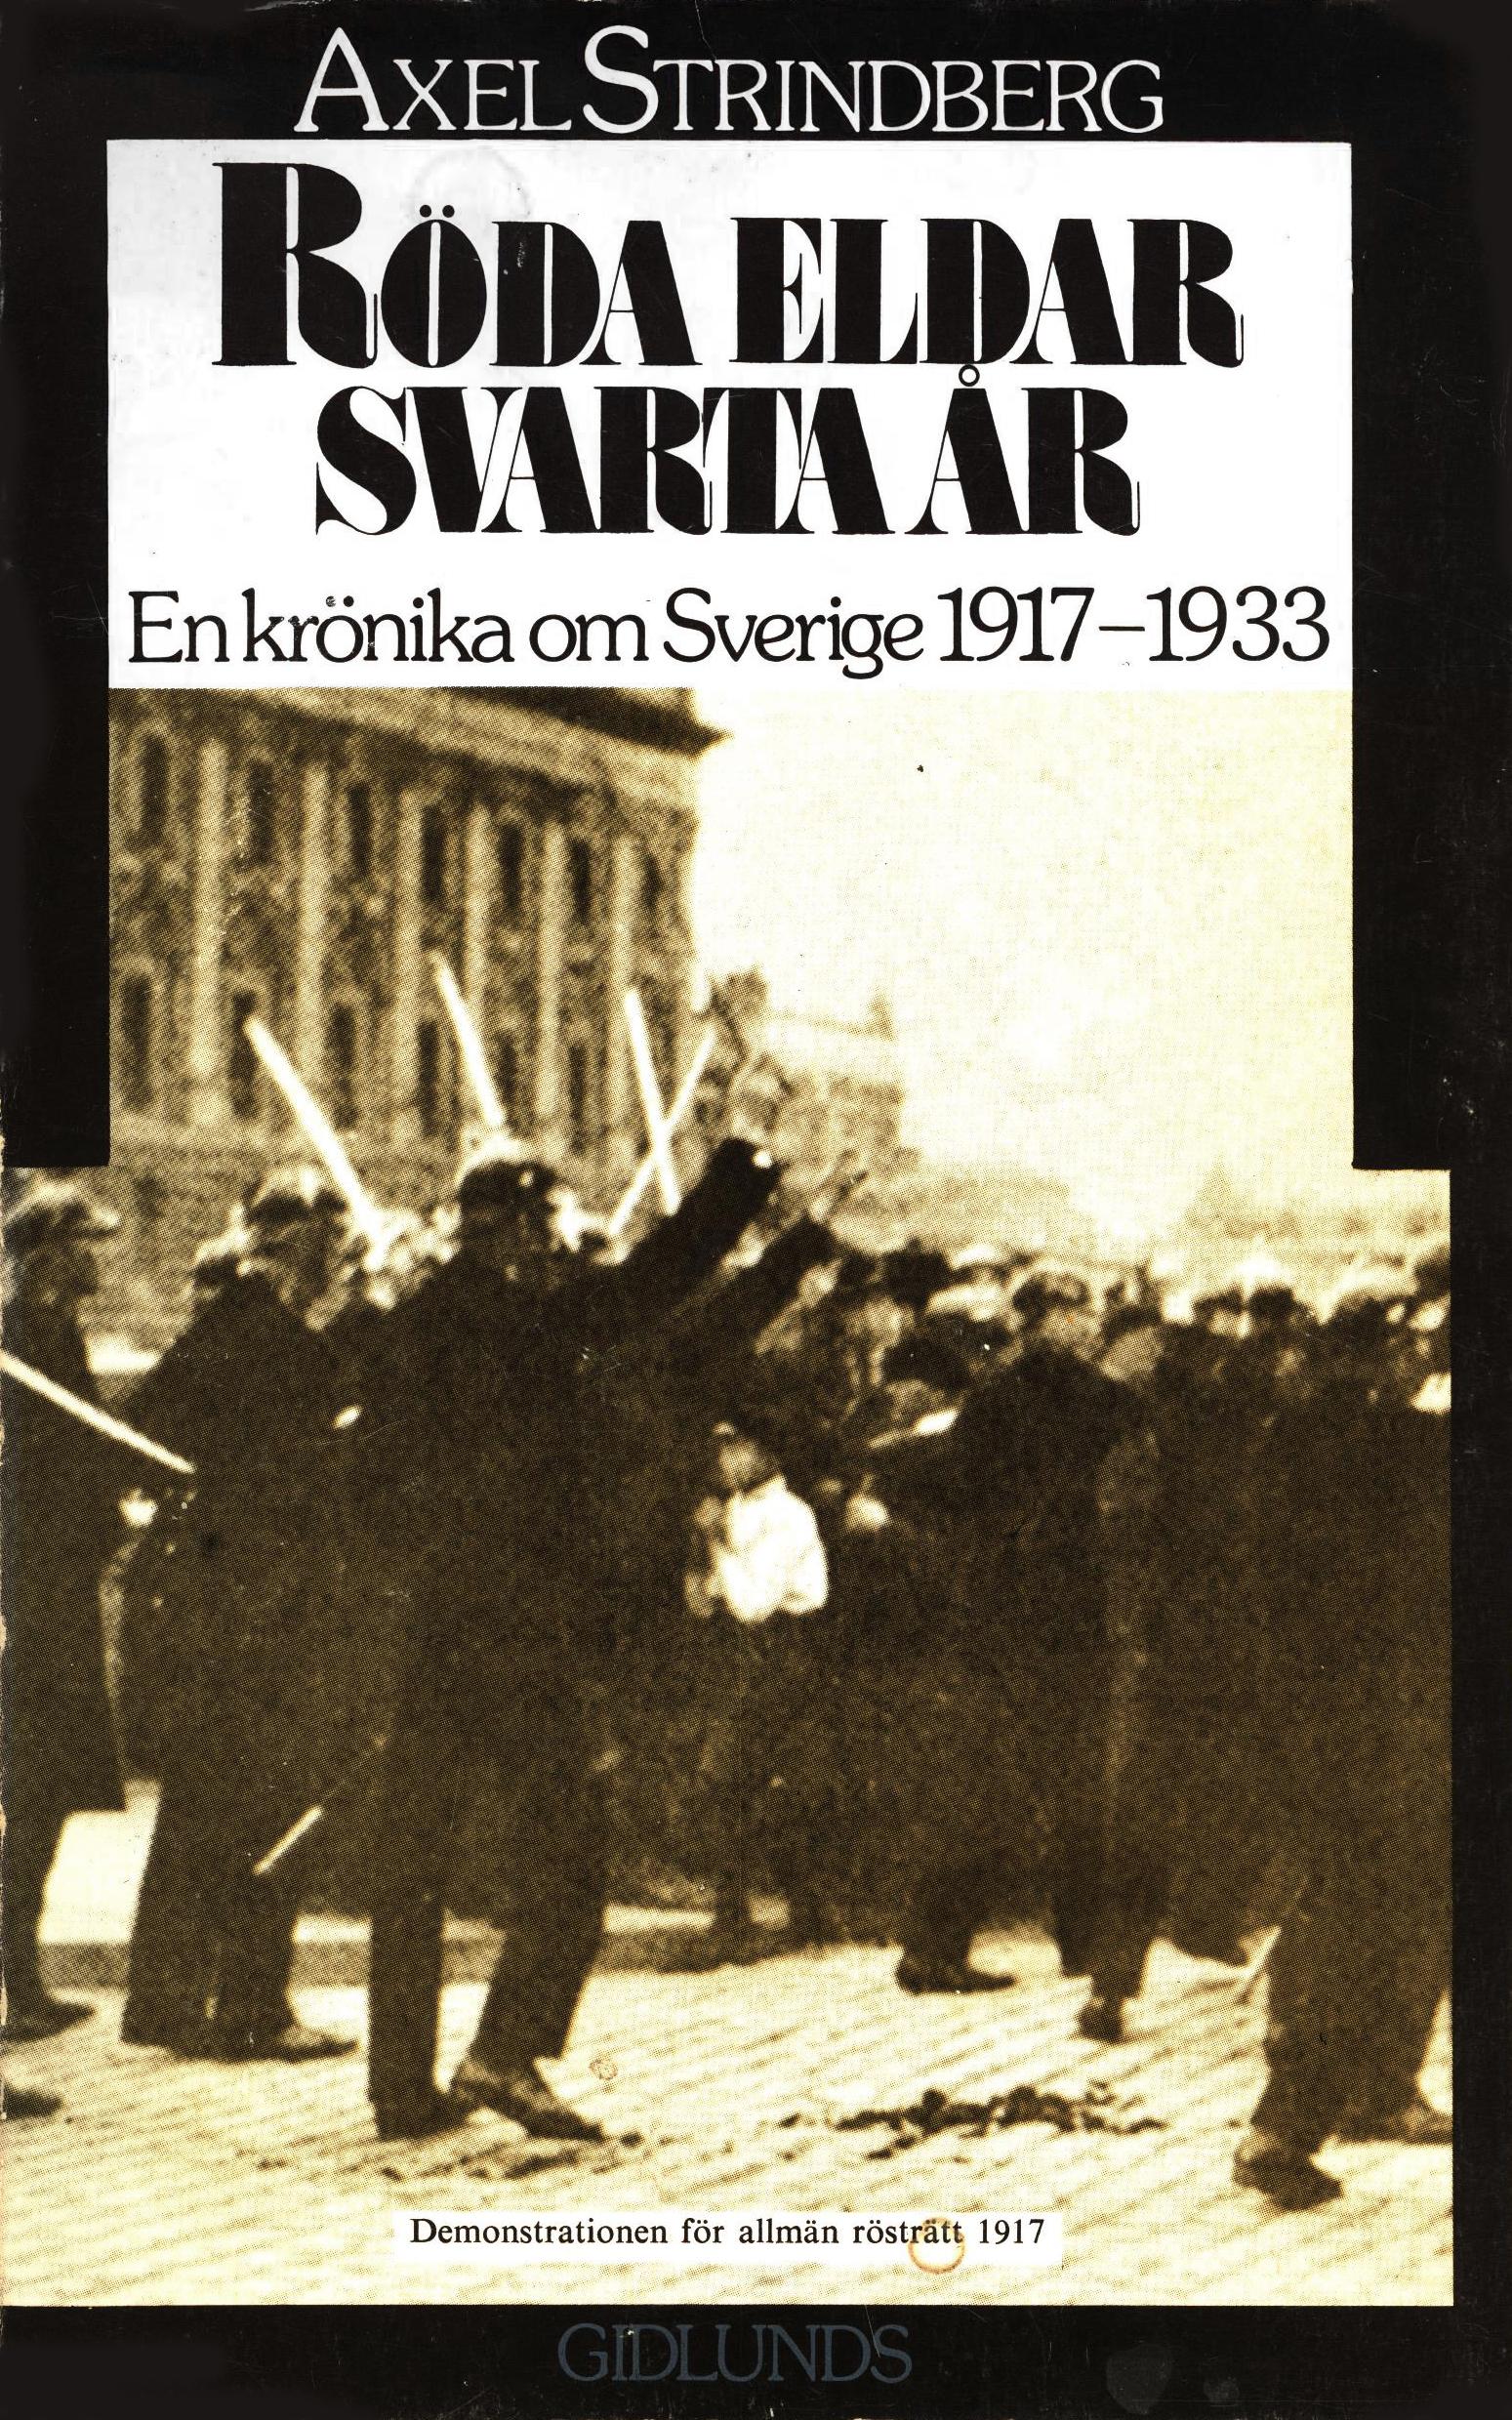 Axel Strindberg: Röda eldar, svarta år - En krönika om Sverige 1917-1933